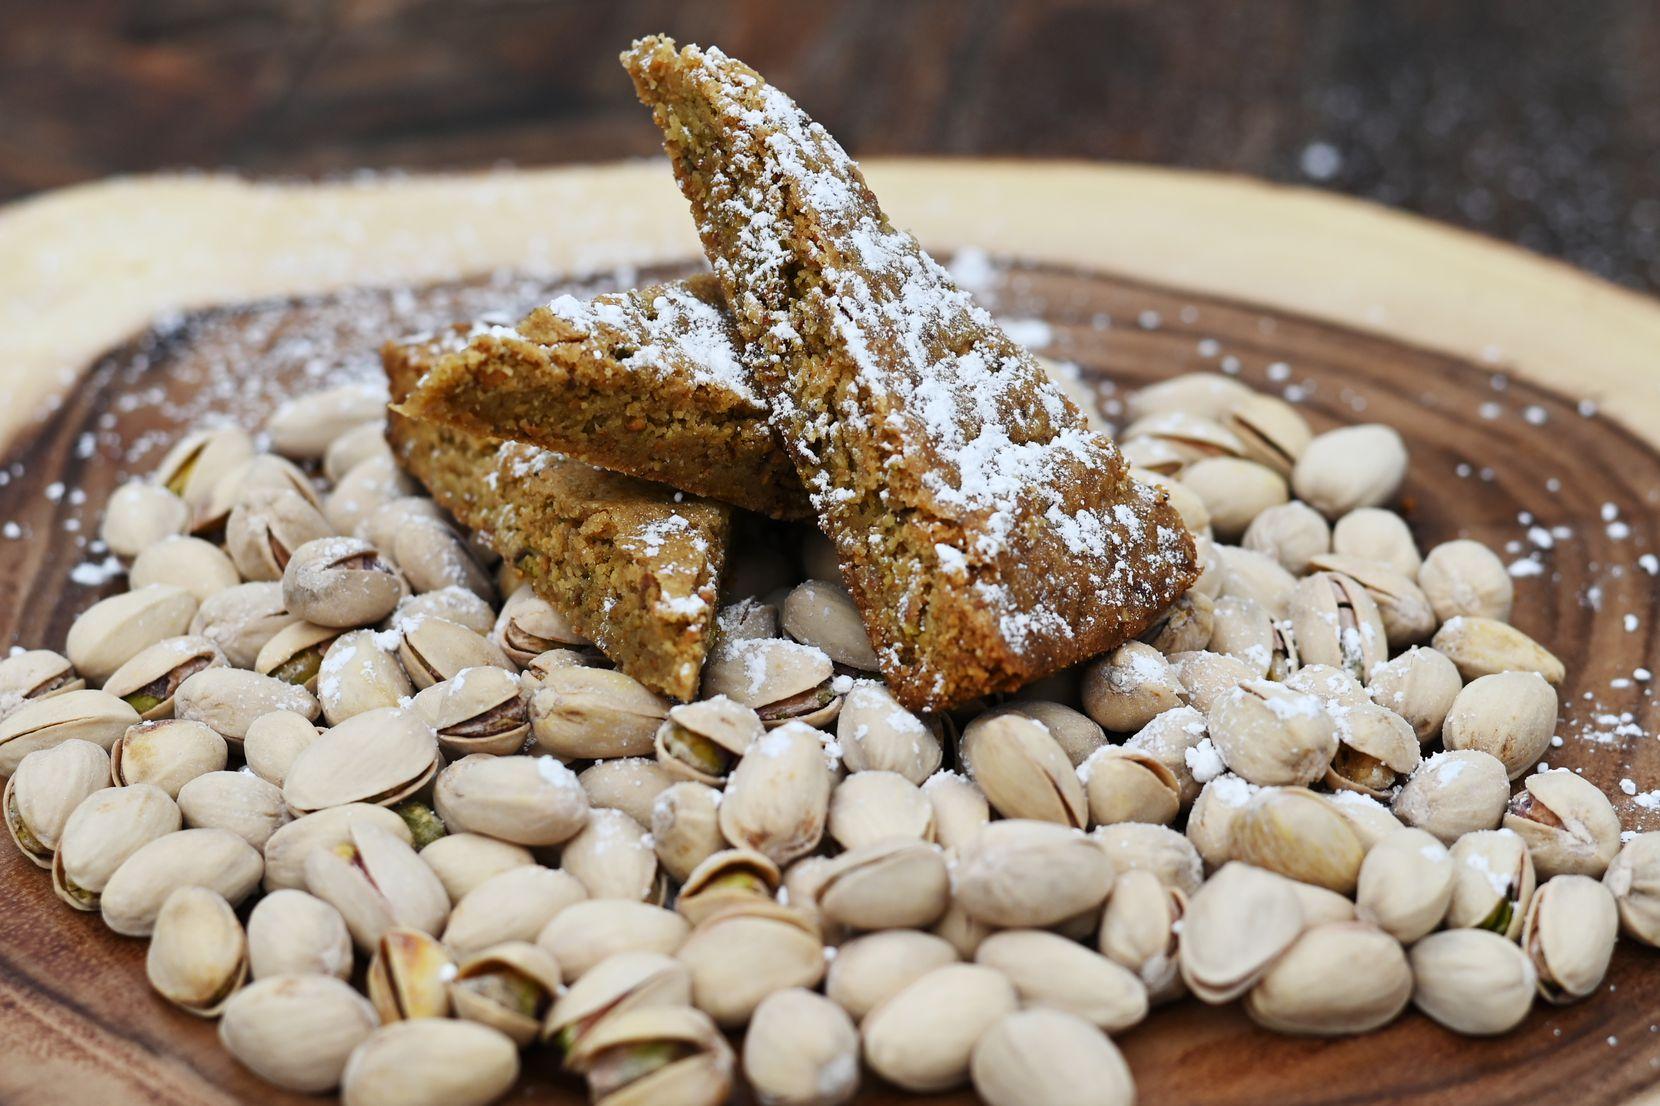 Pistachio shortbread wedges served on a pile of pistachios